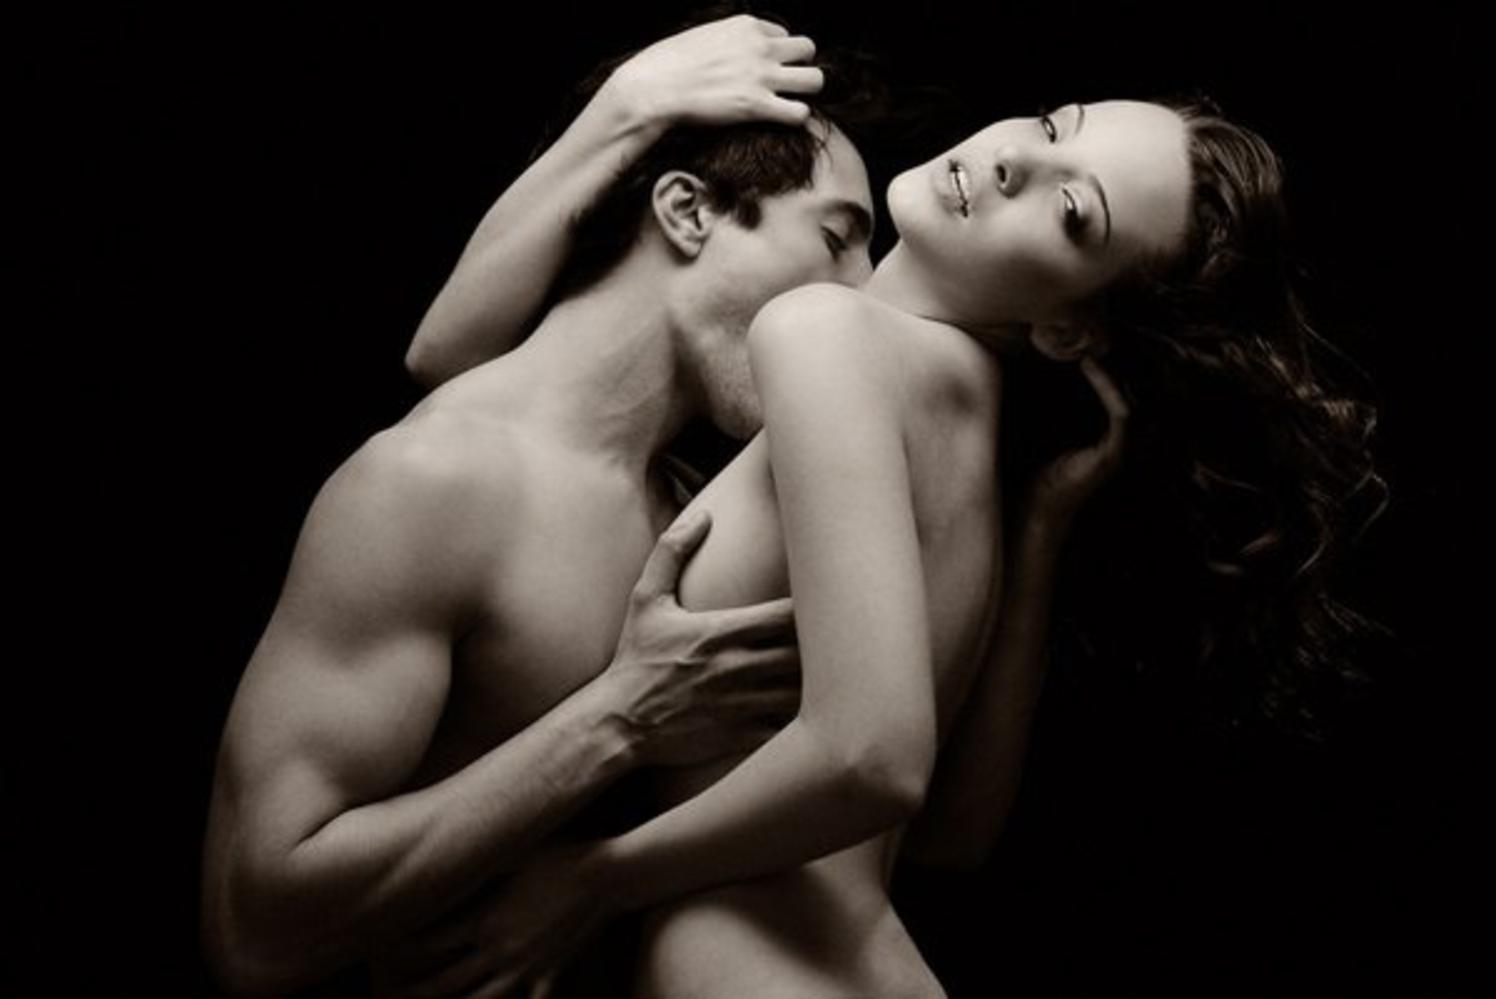 Сексуальные картинки секла и любви 11 фотография